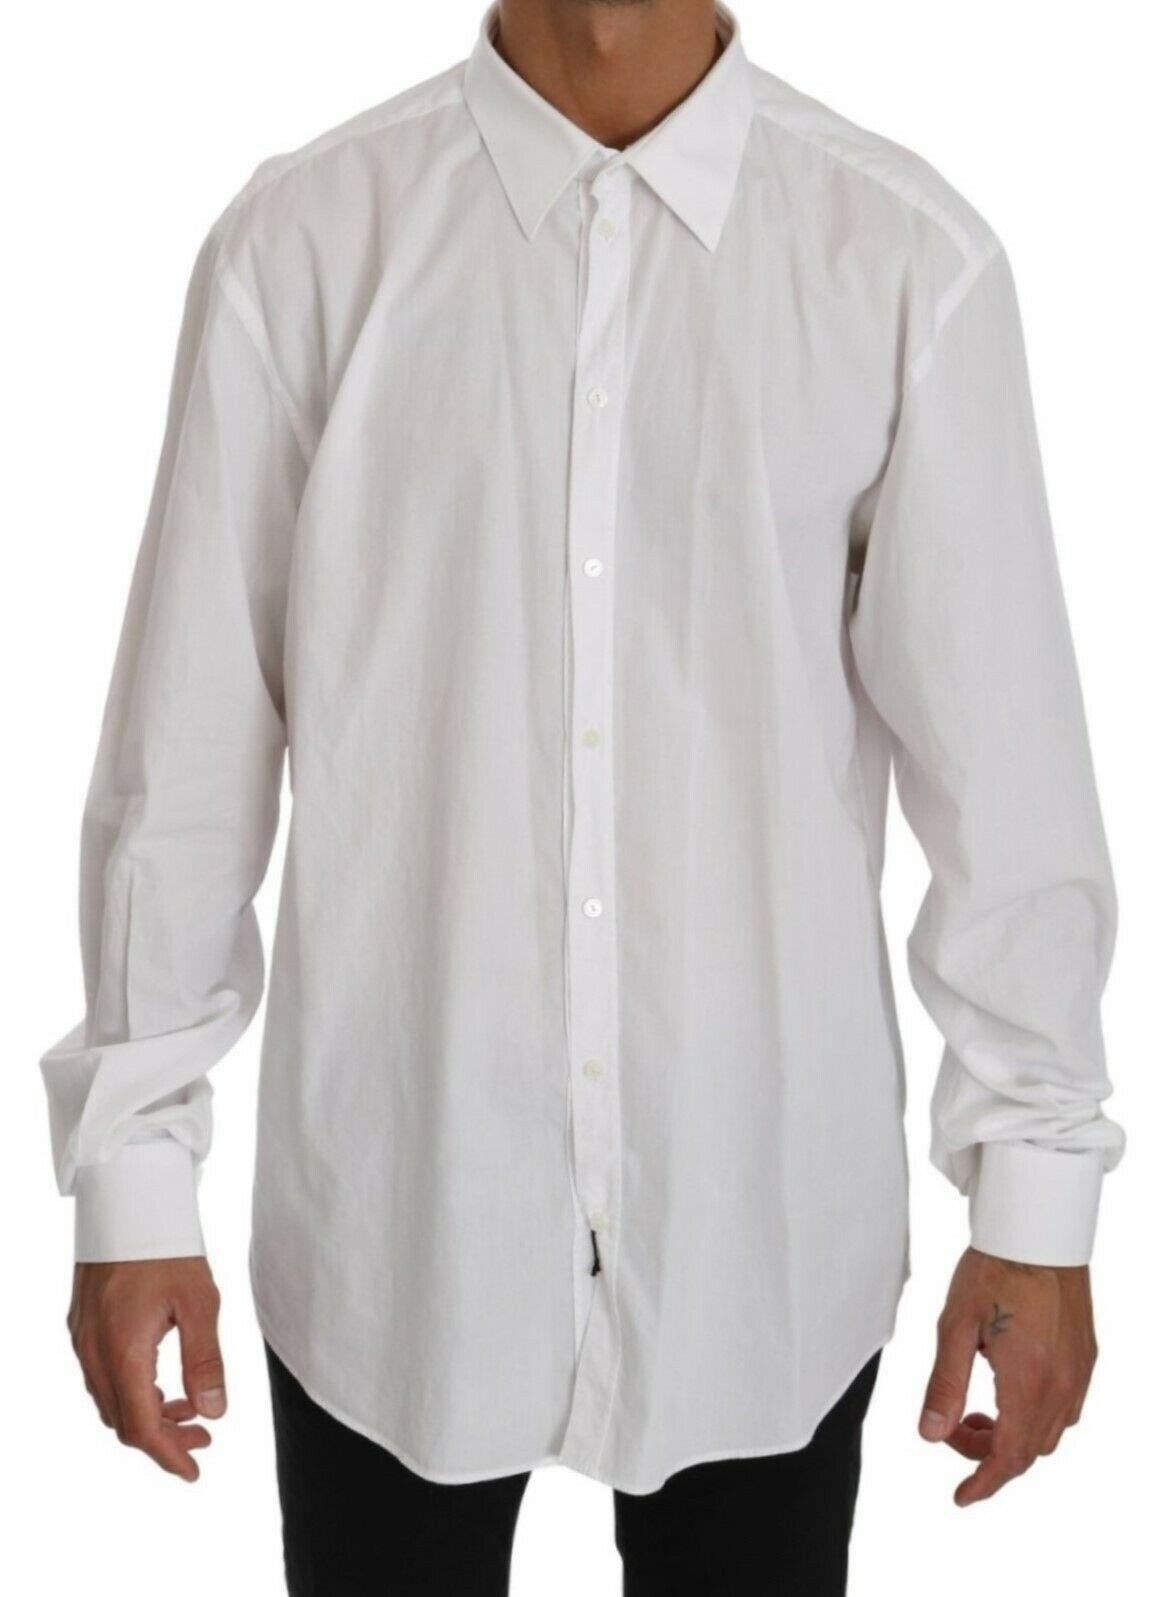 Dolce & Gabbana Men's Cotton Dress Formal Top Shirt White TSH4075 - 44   3XL